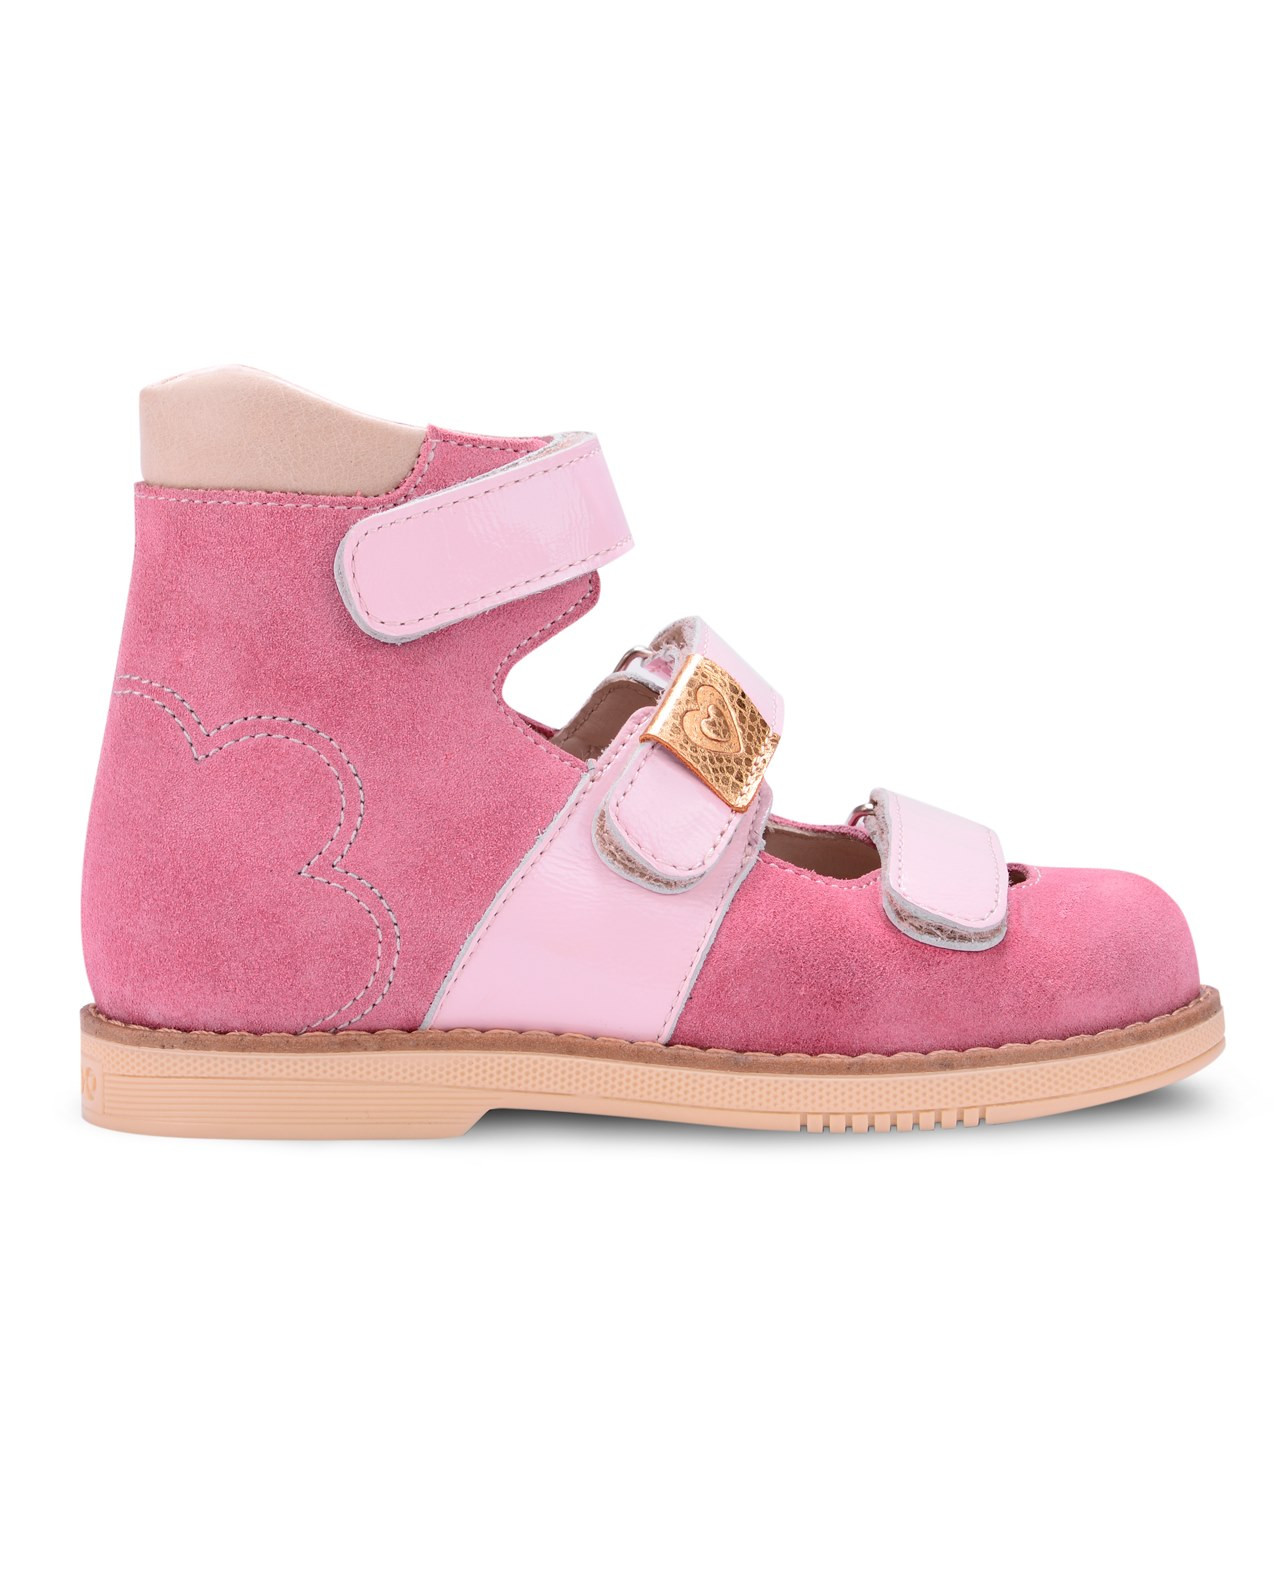 Сандалии Детские, Tapiboo КораллыСандалии<br>Эти ортопедические туфли разработаны для <br>коррекции стоп при вальгусной деформации, <br>а также для профилактики плоскостопия. <br>Применение данной модели рекомендовано <br>детям при наличии сформировавшихся деформаций. <br>При применении данной обуви необходимо <br>использование индивидуальных ортопедических <br>стелек по назначению врача-ортопеда. Жесткий <br>фиксирующий задник увеличенной высоты <br>и возможность регулировки полноты тремя <br>застежками велкро обеспечивают необходимую <br>фиксацию голеностопа в правильном положении. <br>Широкий, устойчивый каблук, специальной <br>конфигурации каблук Томаса. Подкладка из <br>кожи теленка без швов. Кожа теленка обладает <br>повышенной износостойкостью в сочетании <br>с мягкостью и отличной способностью пропускать <br>воздух для создания оптимального температурного <br>режима (нога не потеет). На стельке нет выкладки <br>продольного свода (супинатора), модель предназначена <br>для использования с вкладными ортопедическими <br>приспособлениями.<br>Размер INT: M; Цвет: Красный; Ширина: 100; Высота: 200; Вес: 1000;